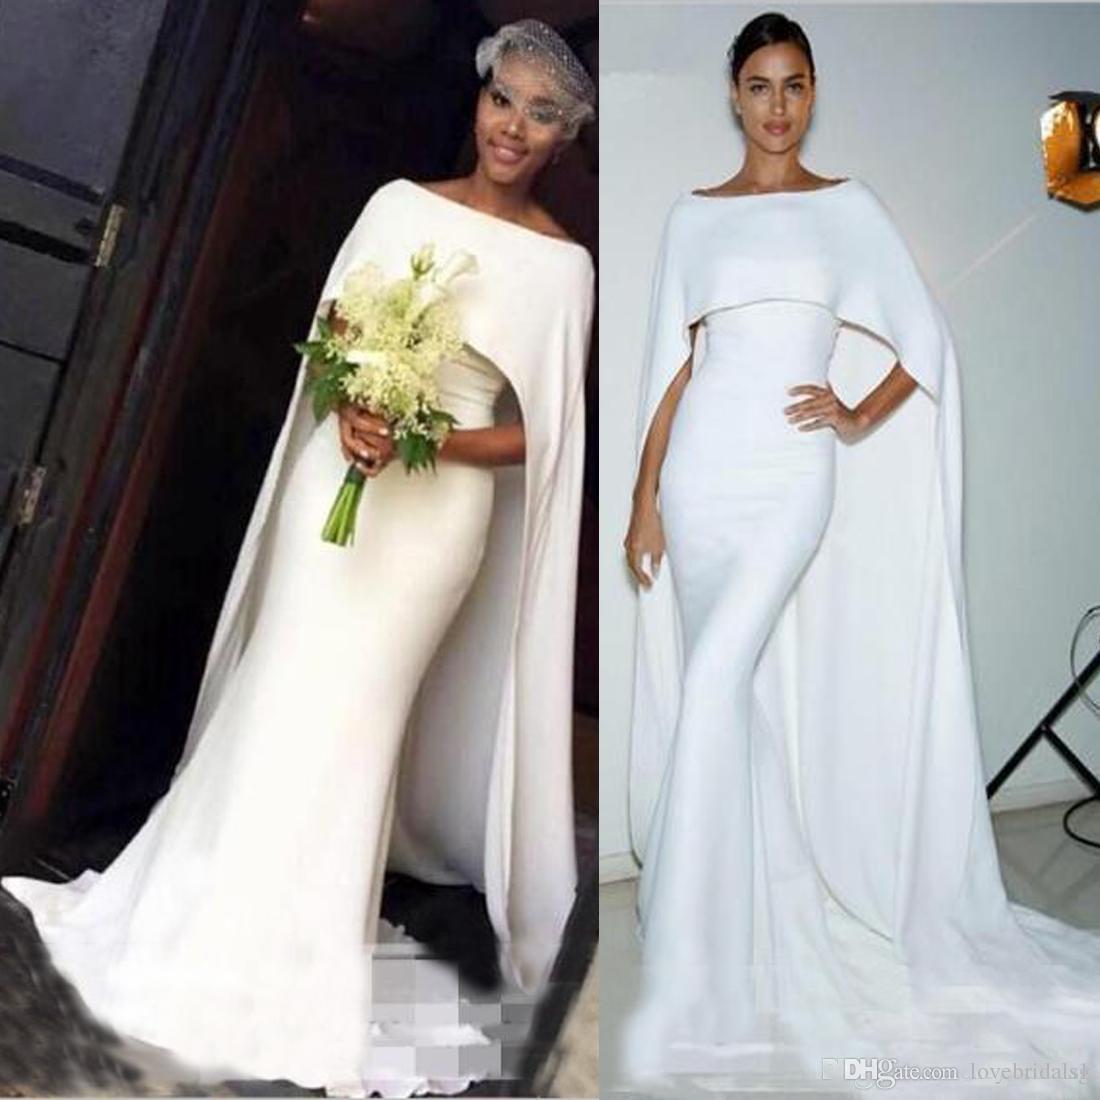 ece4b831ea9 Simple Mermiad Wedding Dresses With Wrap Elegant Cape Style Mermaid Bridal  Gowns South African Wedding Vestidos